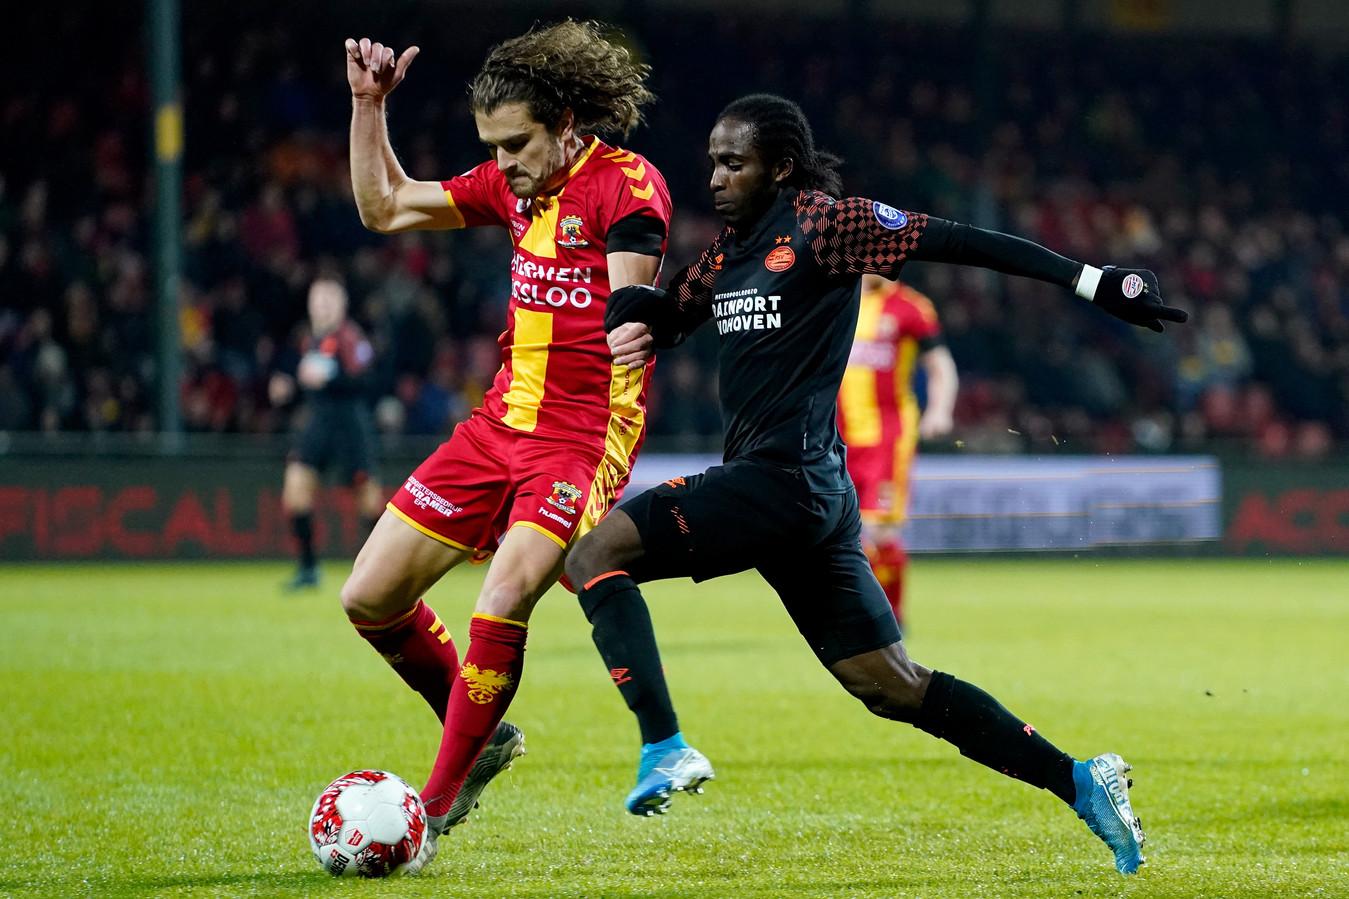 Mael Corboz namens Go Ahead Eagles in duel met Sekou Sidibe van Jong PSV.